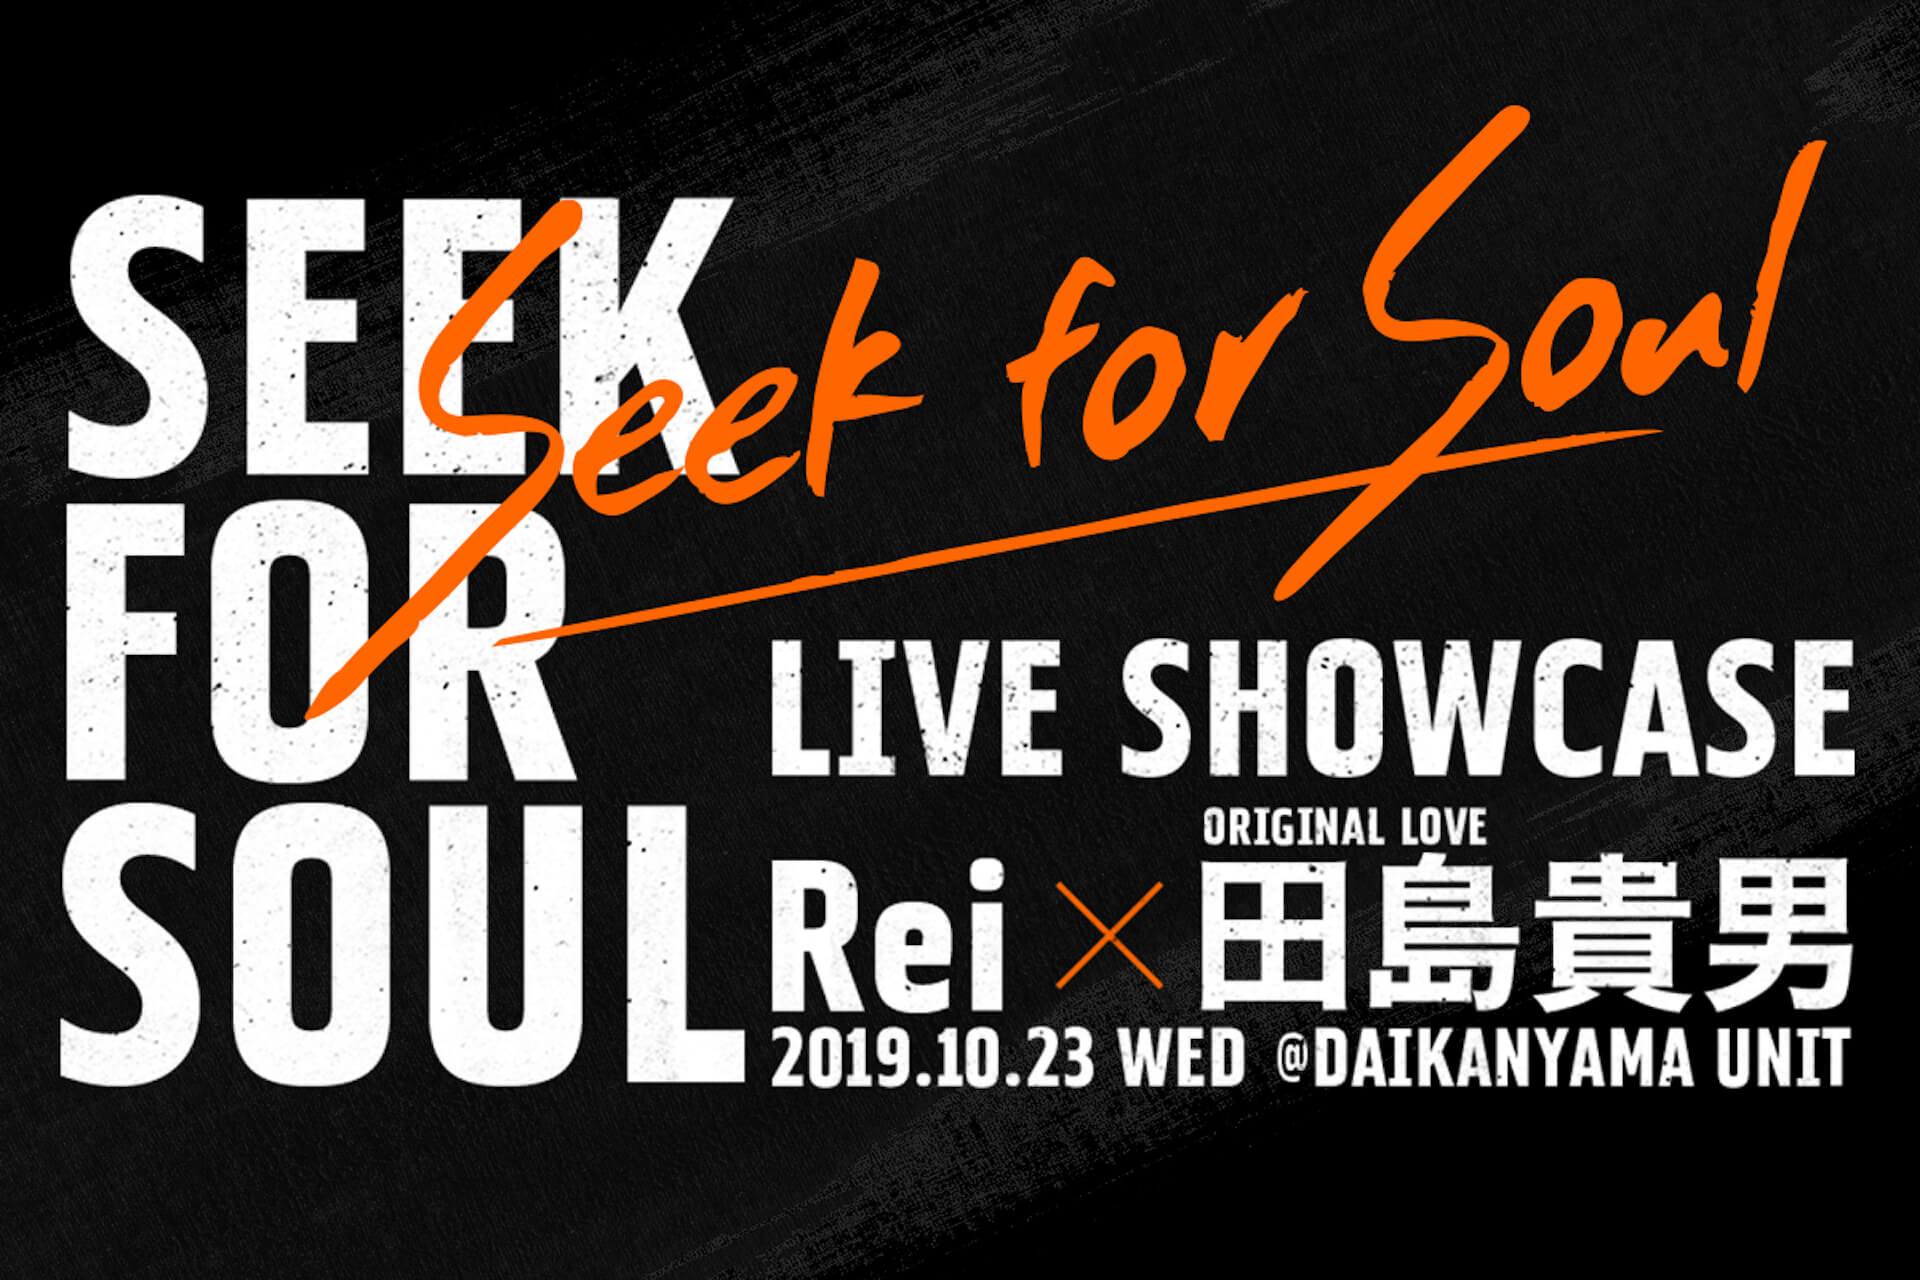 ハーレーダビッドソン×Rei<SEEK for SOUL LIVE SHOWCASE>開催|スペシャルゲストに田島貴男(ORIGINAL LOVE)登場! 190904music_seekforsoul_01